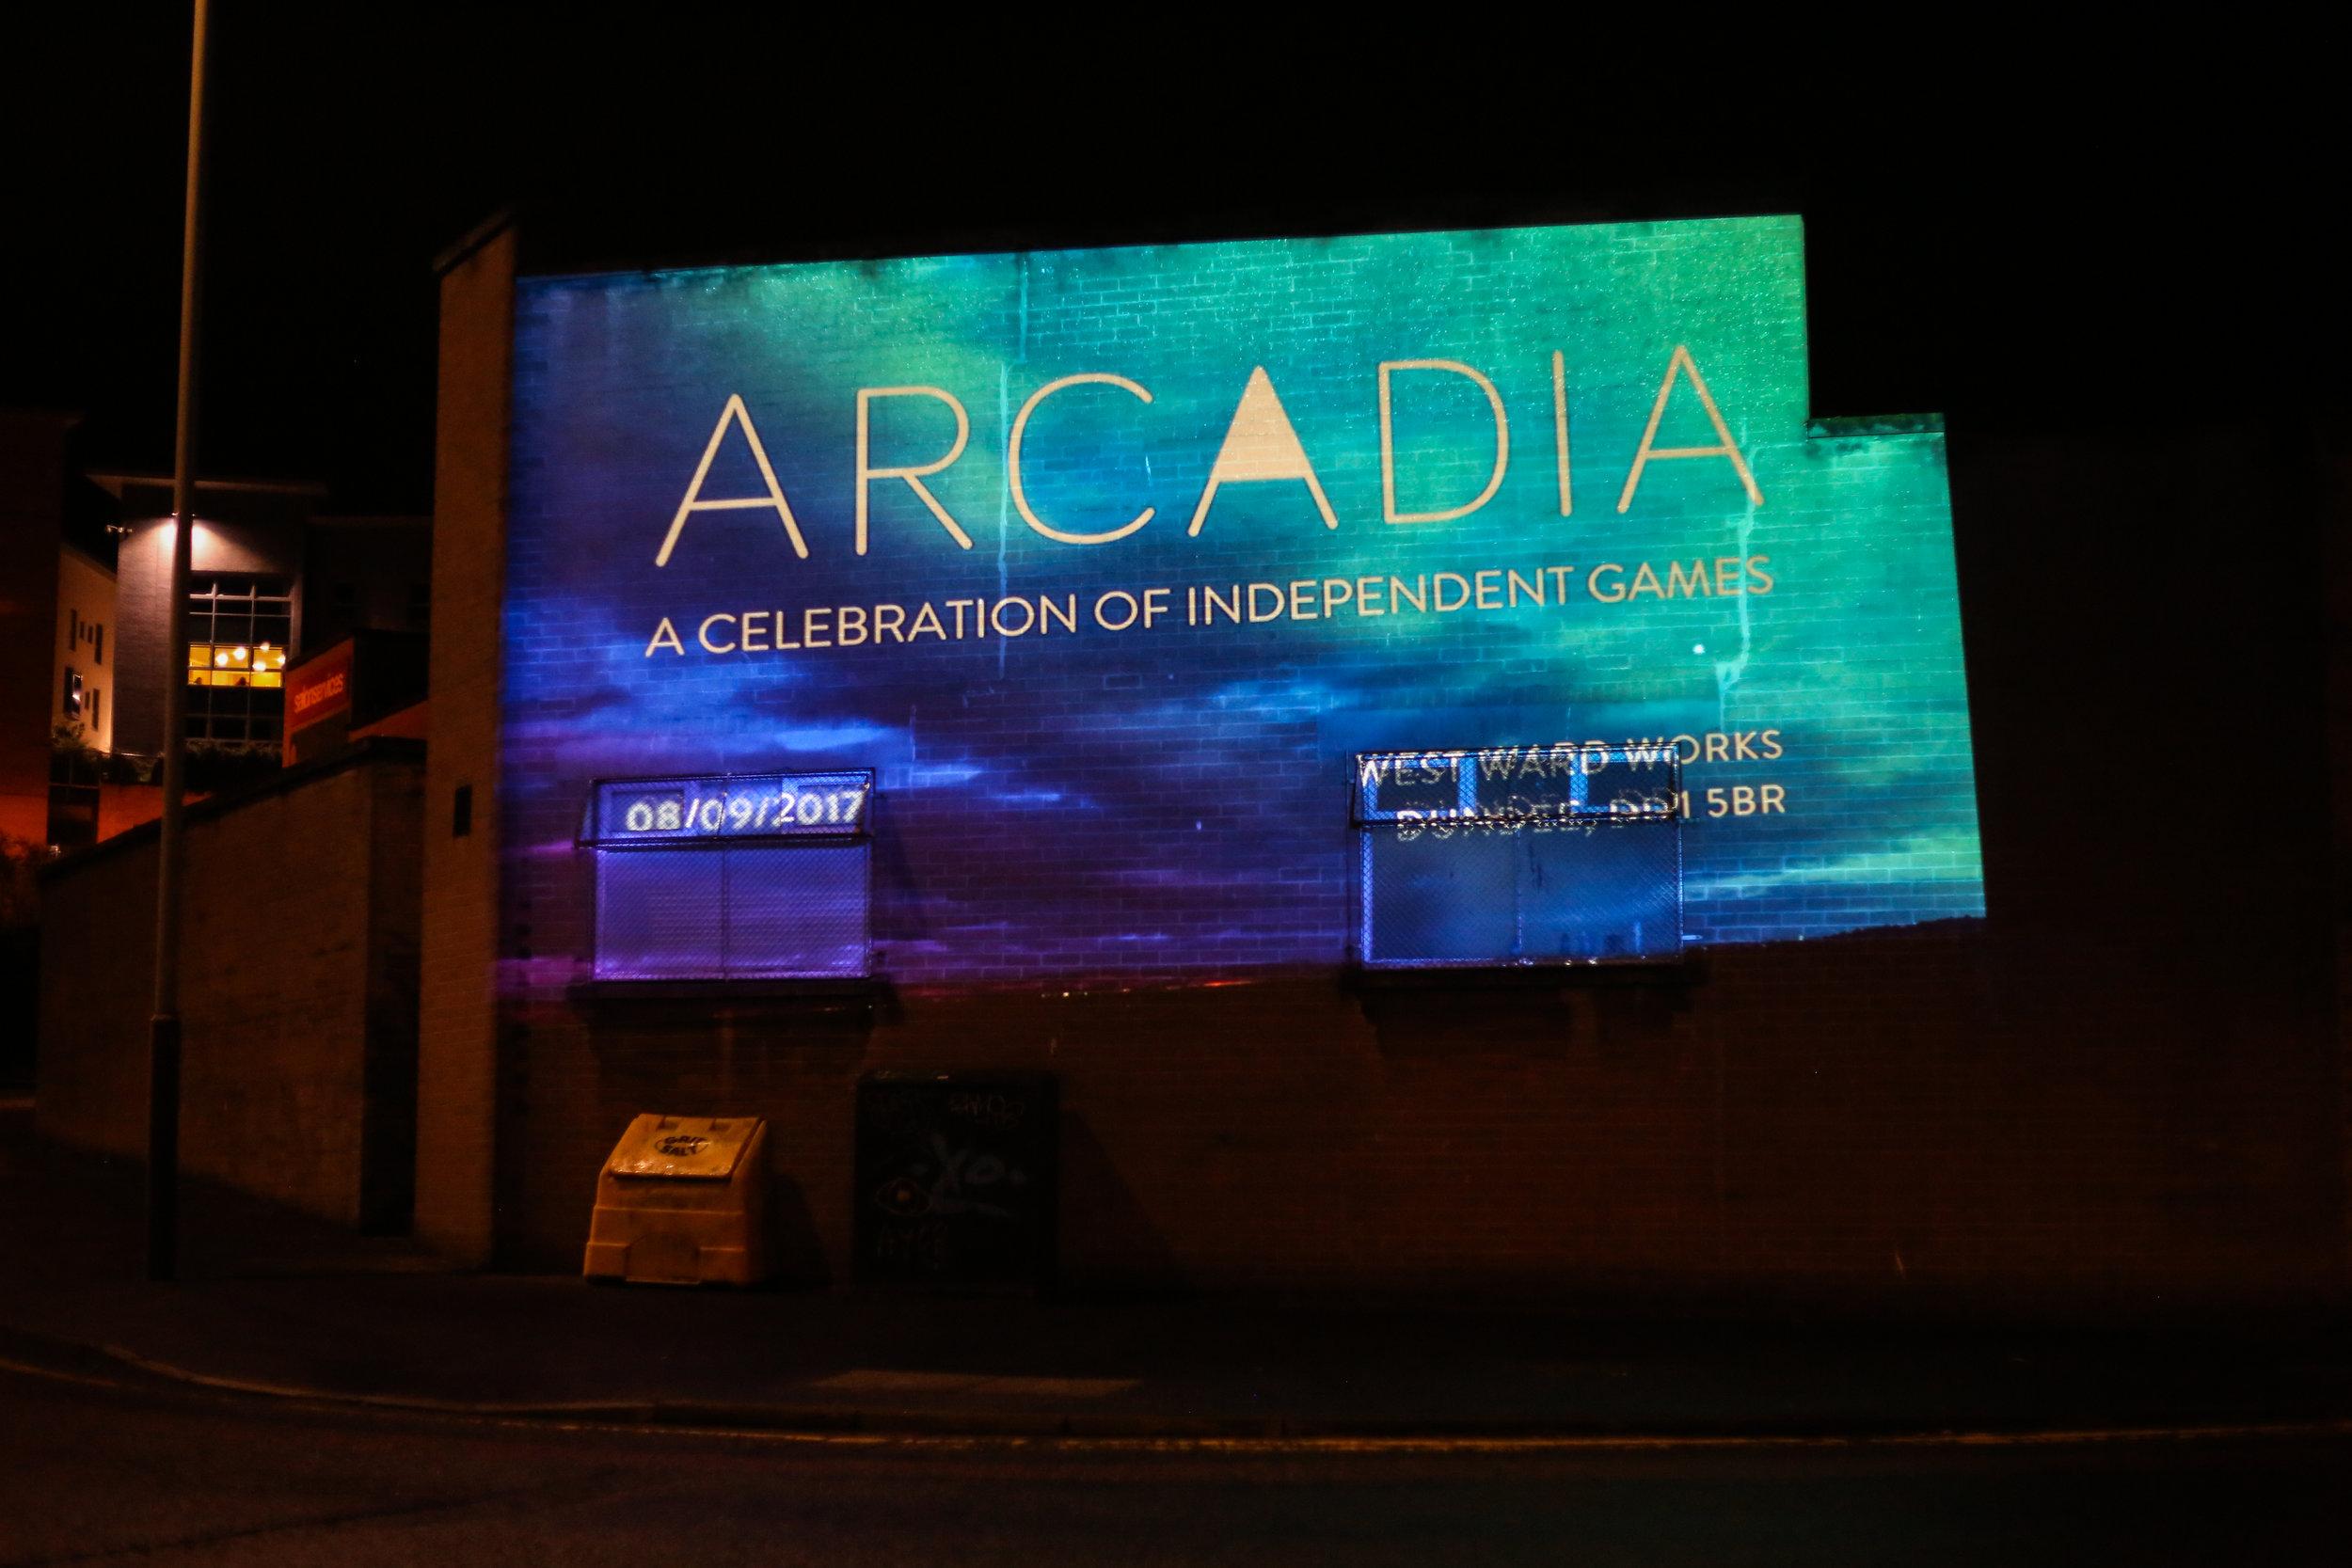 Arcadia-erikascamera.co.uk-72dpi-0073.jpg